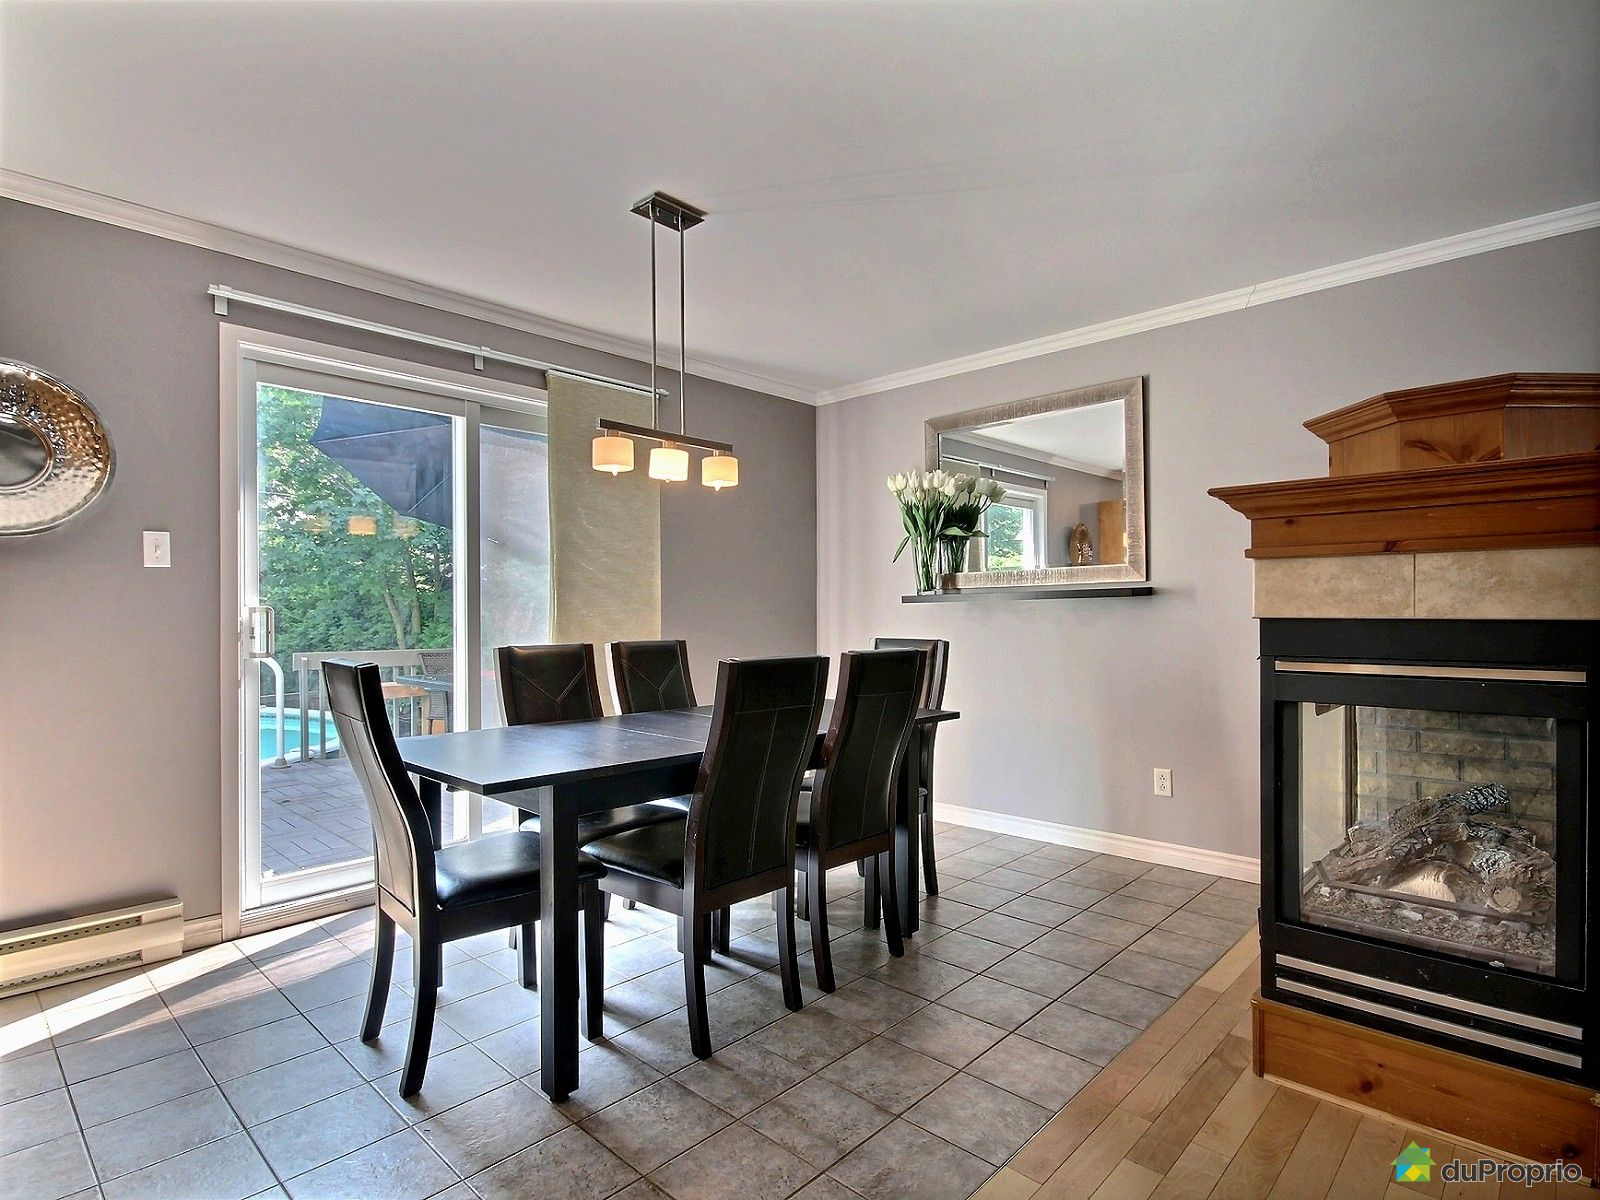 maison moderne blainville maison vendu blainville immobilier qubec duproprio 540386 - Maison Moderne Blainville